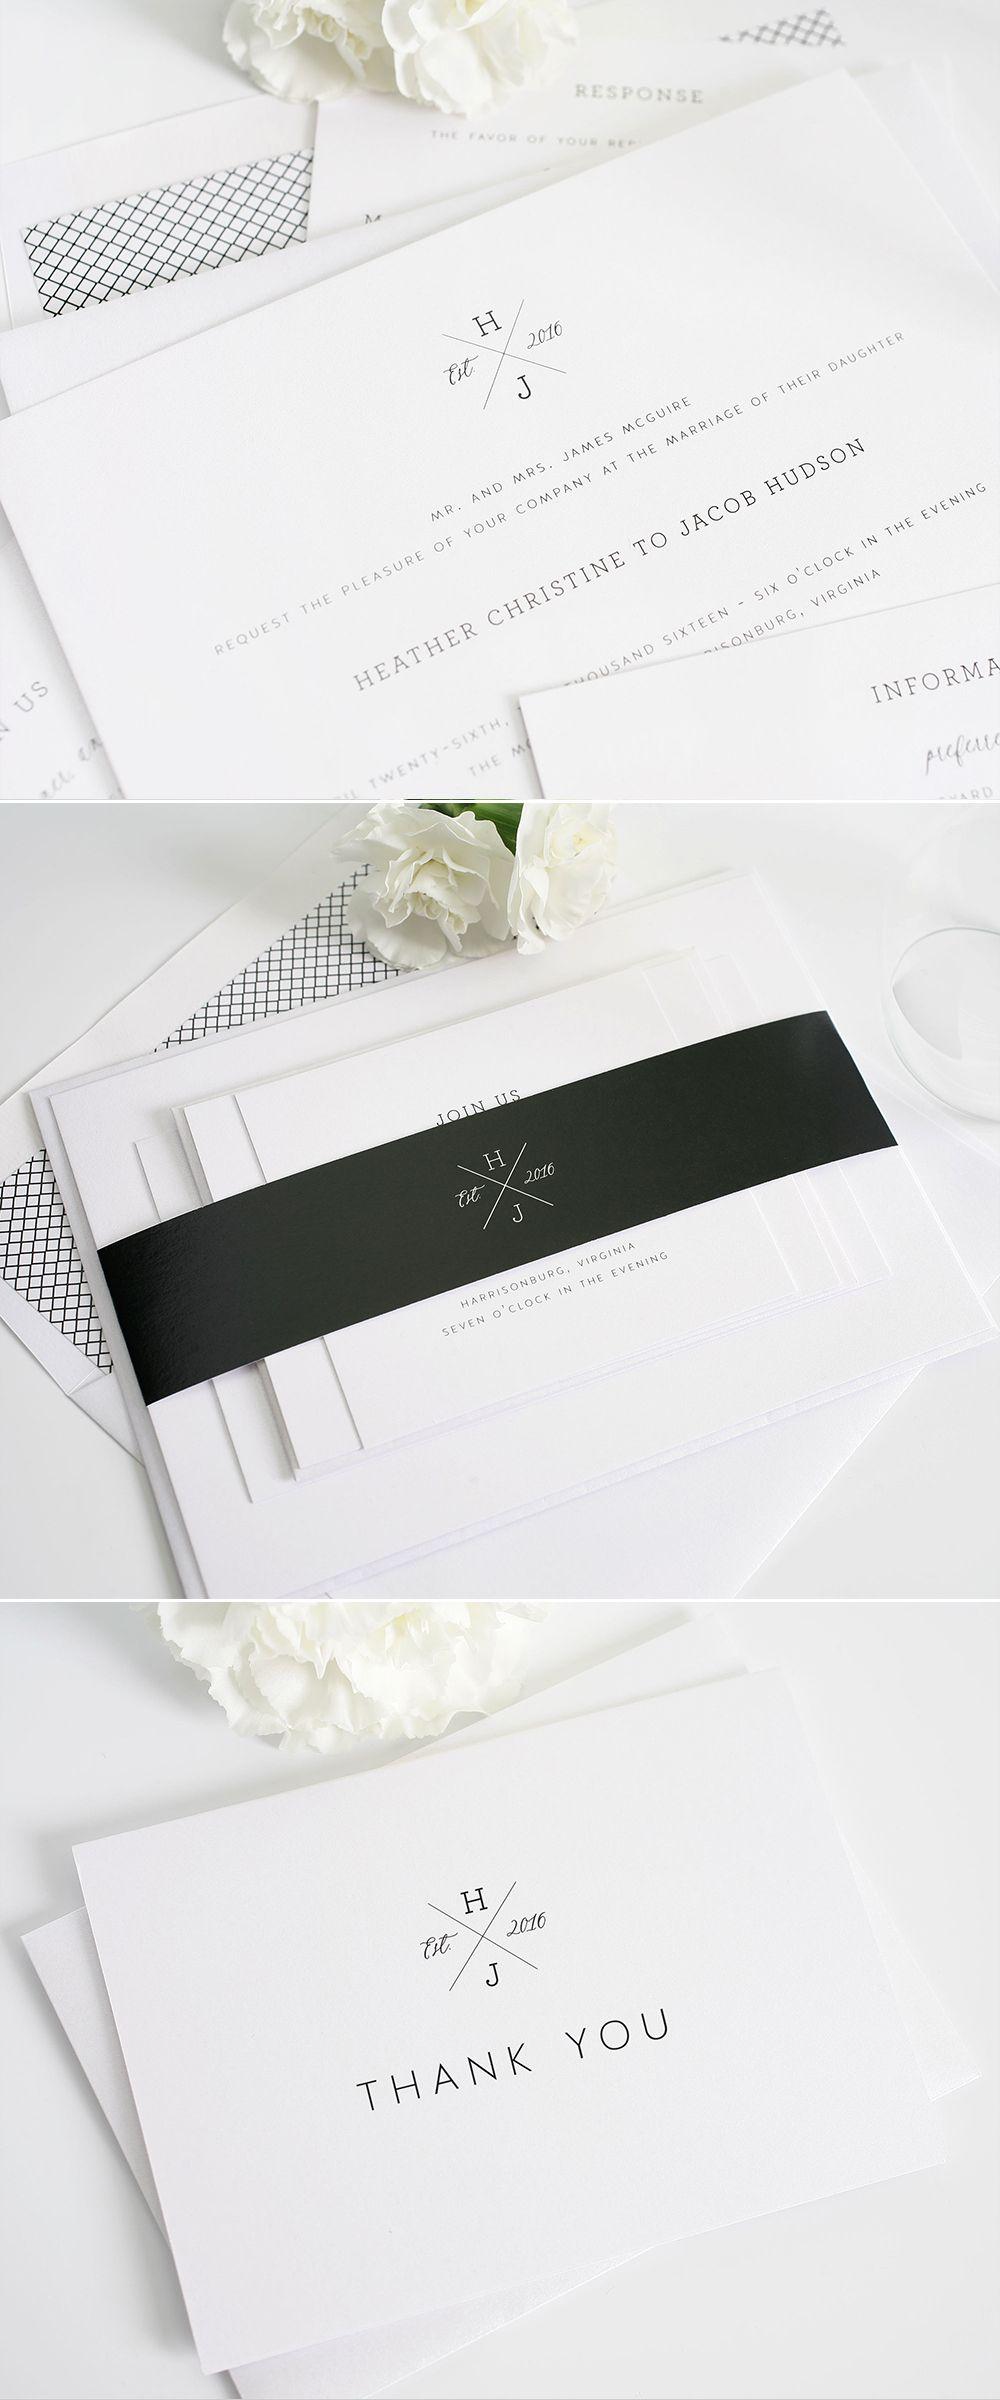 Cross Monogram Wedding Invitations. Karten DesignEinladungen Hochzeit BriefpapierKerstinEinladungskartenStempelMonogramm  HochzeitseinladungenHochzeitslogos ...